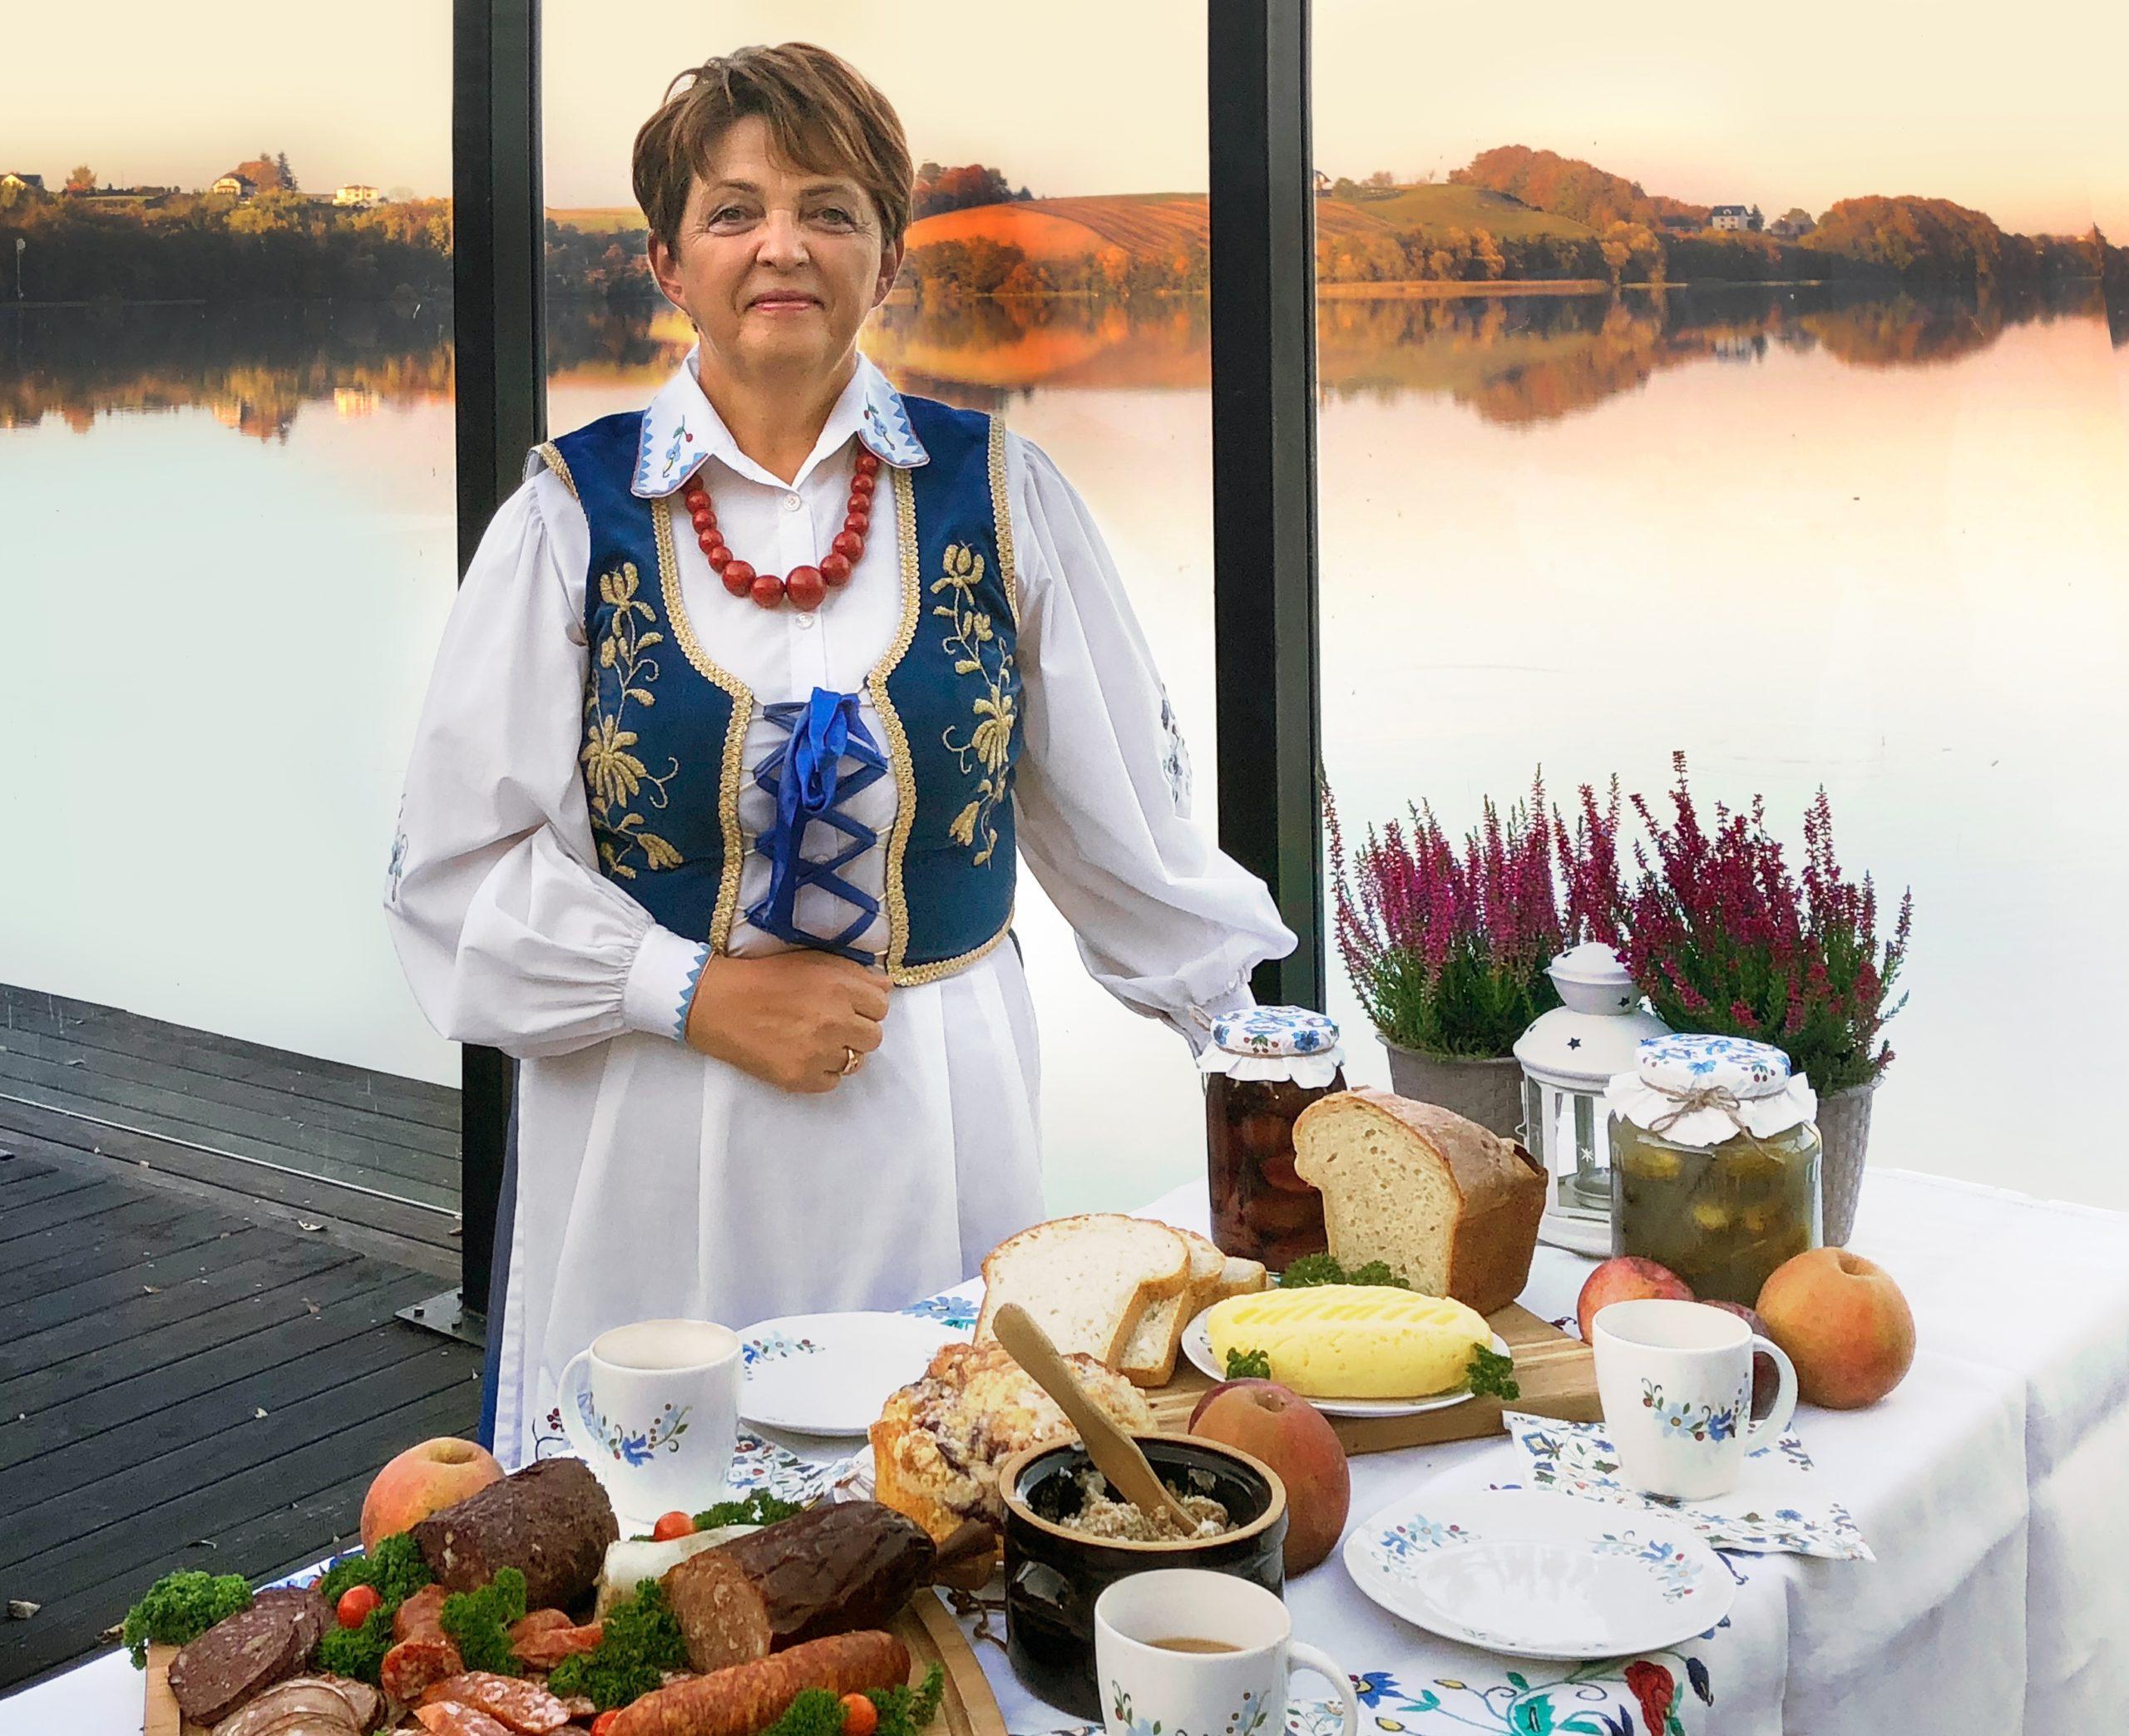 tradycyjna kuchnia scaled Onas